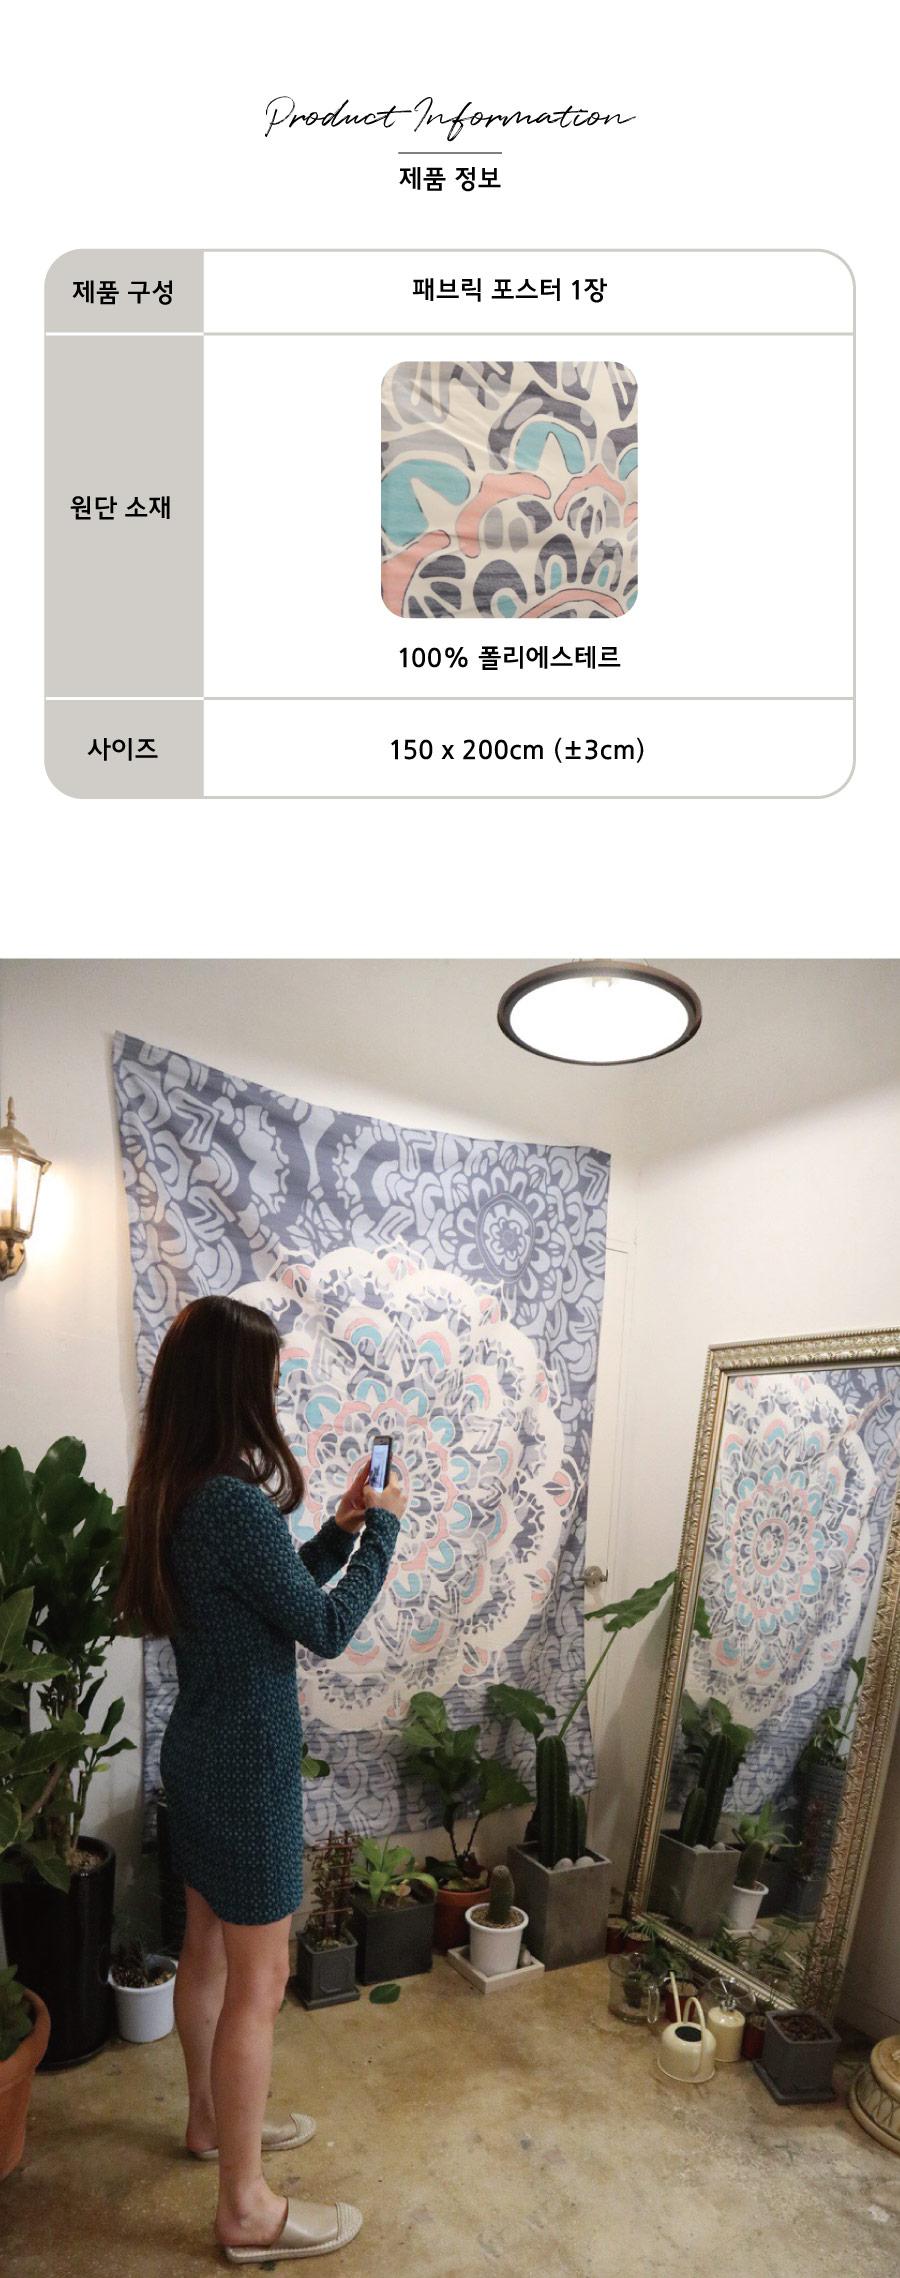 아브라카다브라보헤미안 패브릭포스터 150x200cm - 에이미루시, 28,000원, 홈갤러리, 패브릭포스터